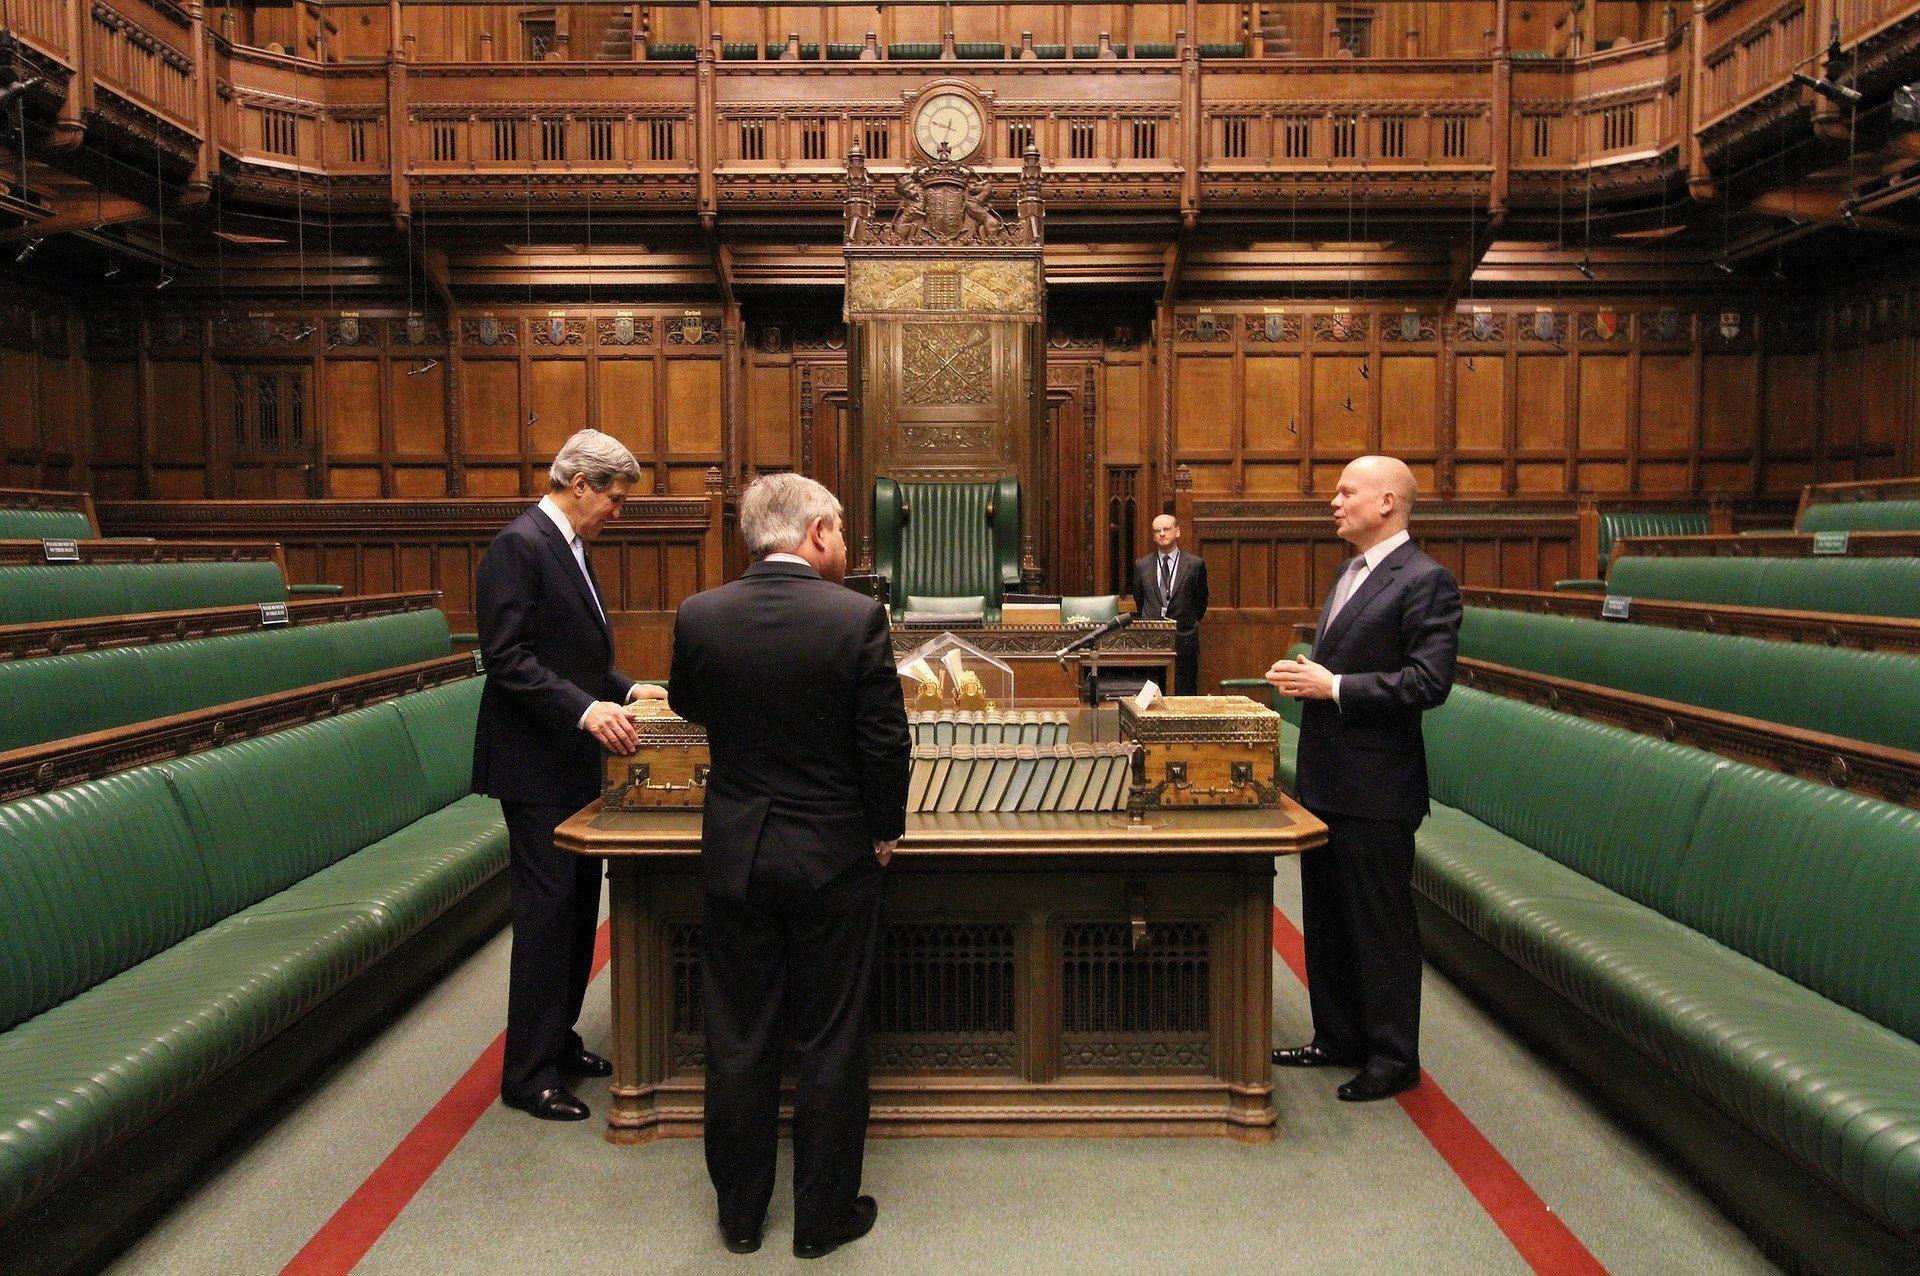 La distancia entre las dos líneas rojas que bordean a cada bancada equivale al largo de dos espadas en la Cámara de los Comunes del Reino Unido